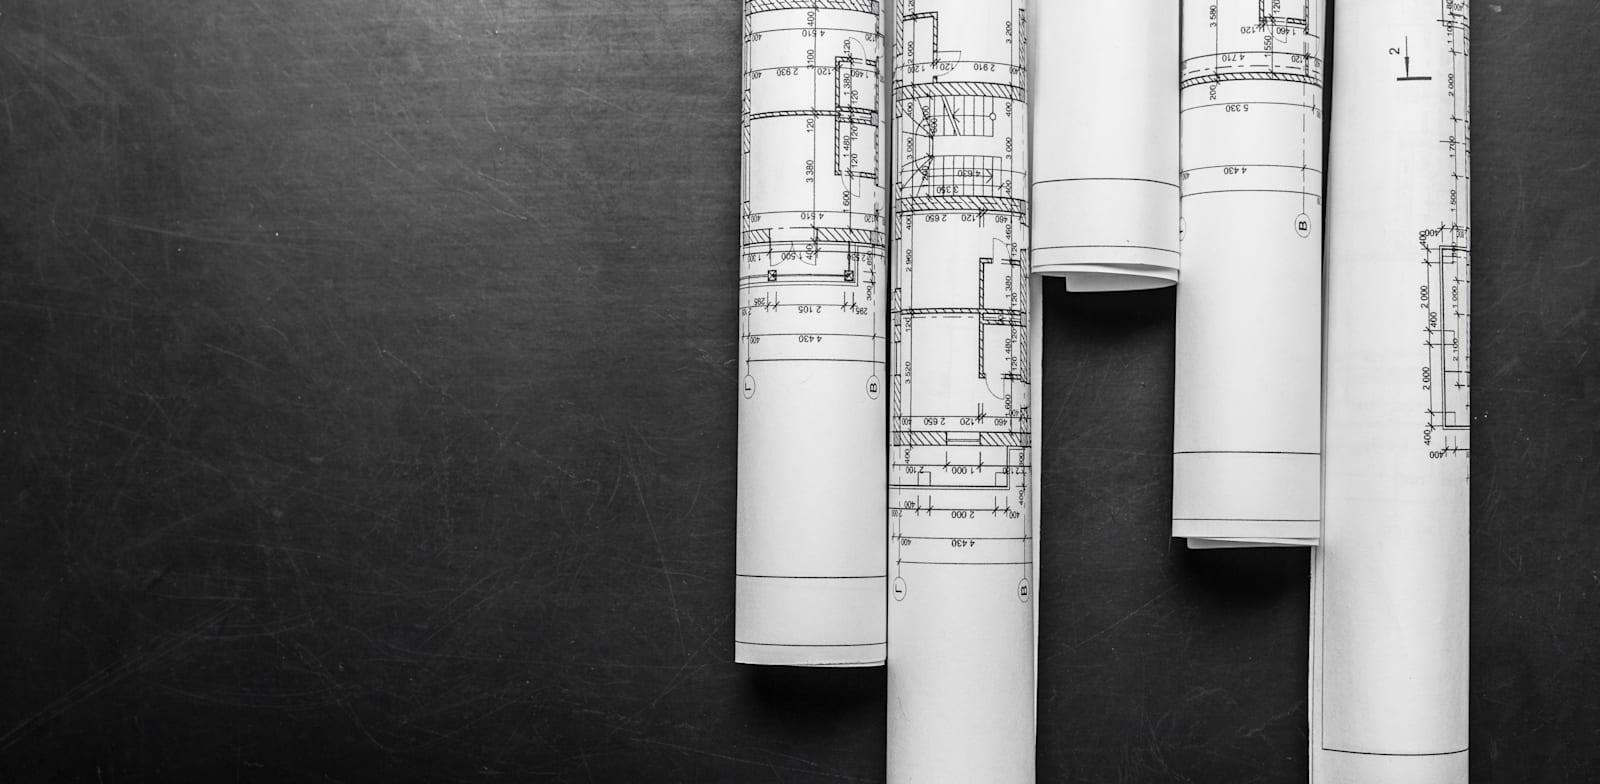 """הקרב בין האדריכלים למתכננים מגיע לבג""""ץ / צילום: Shutterstock"""